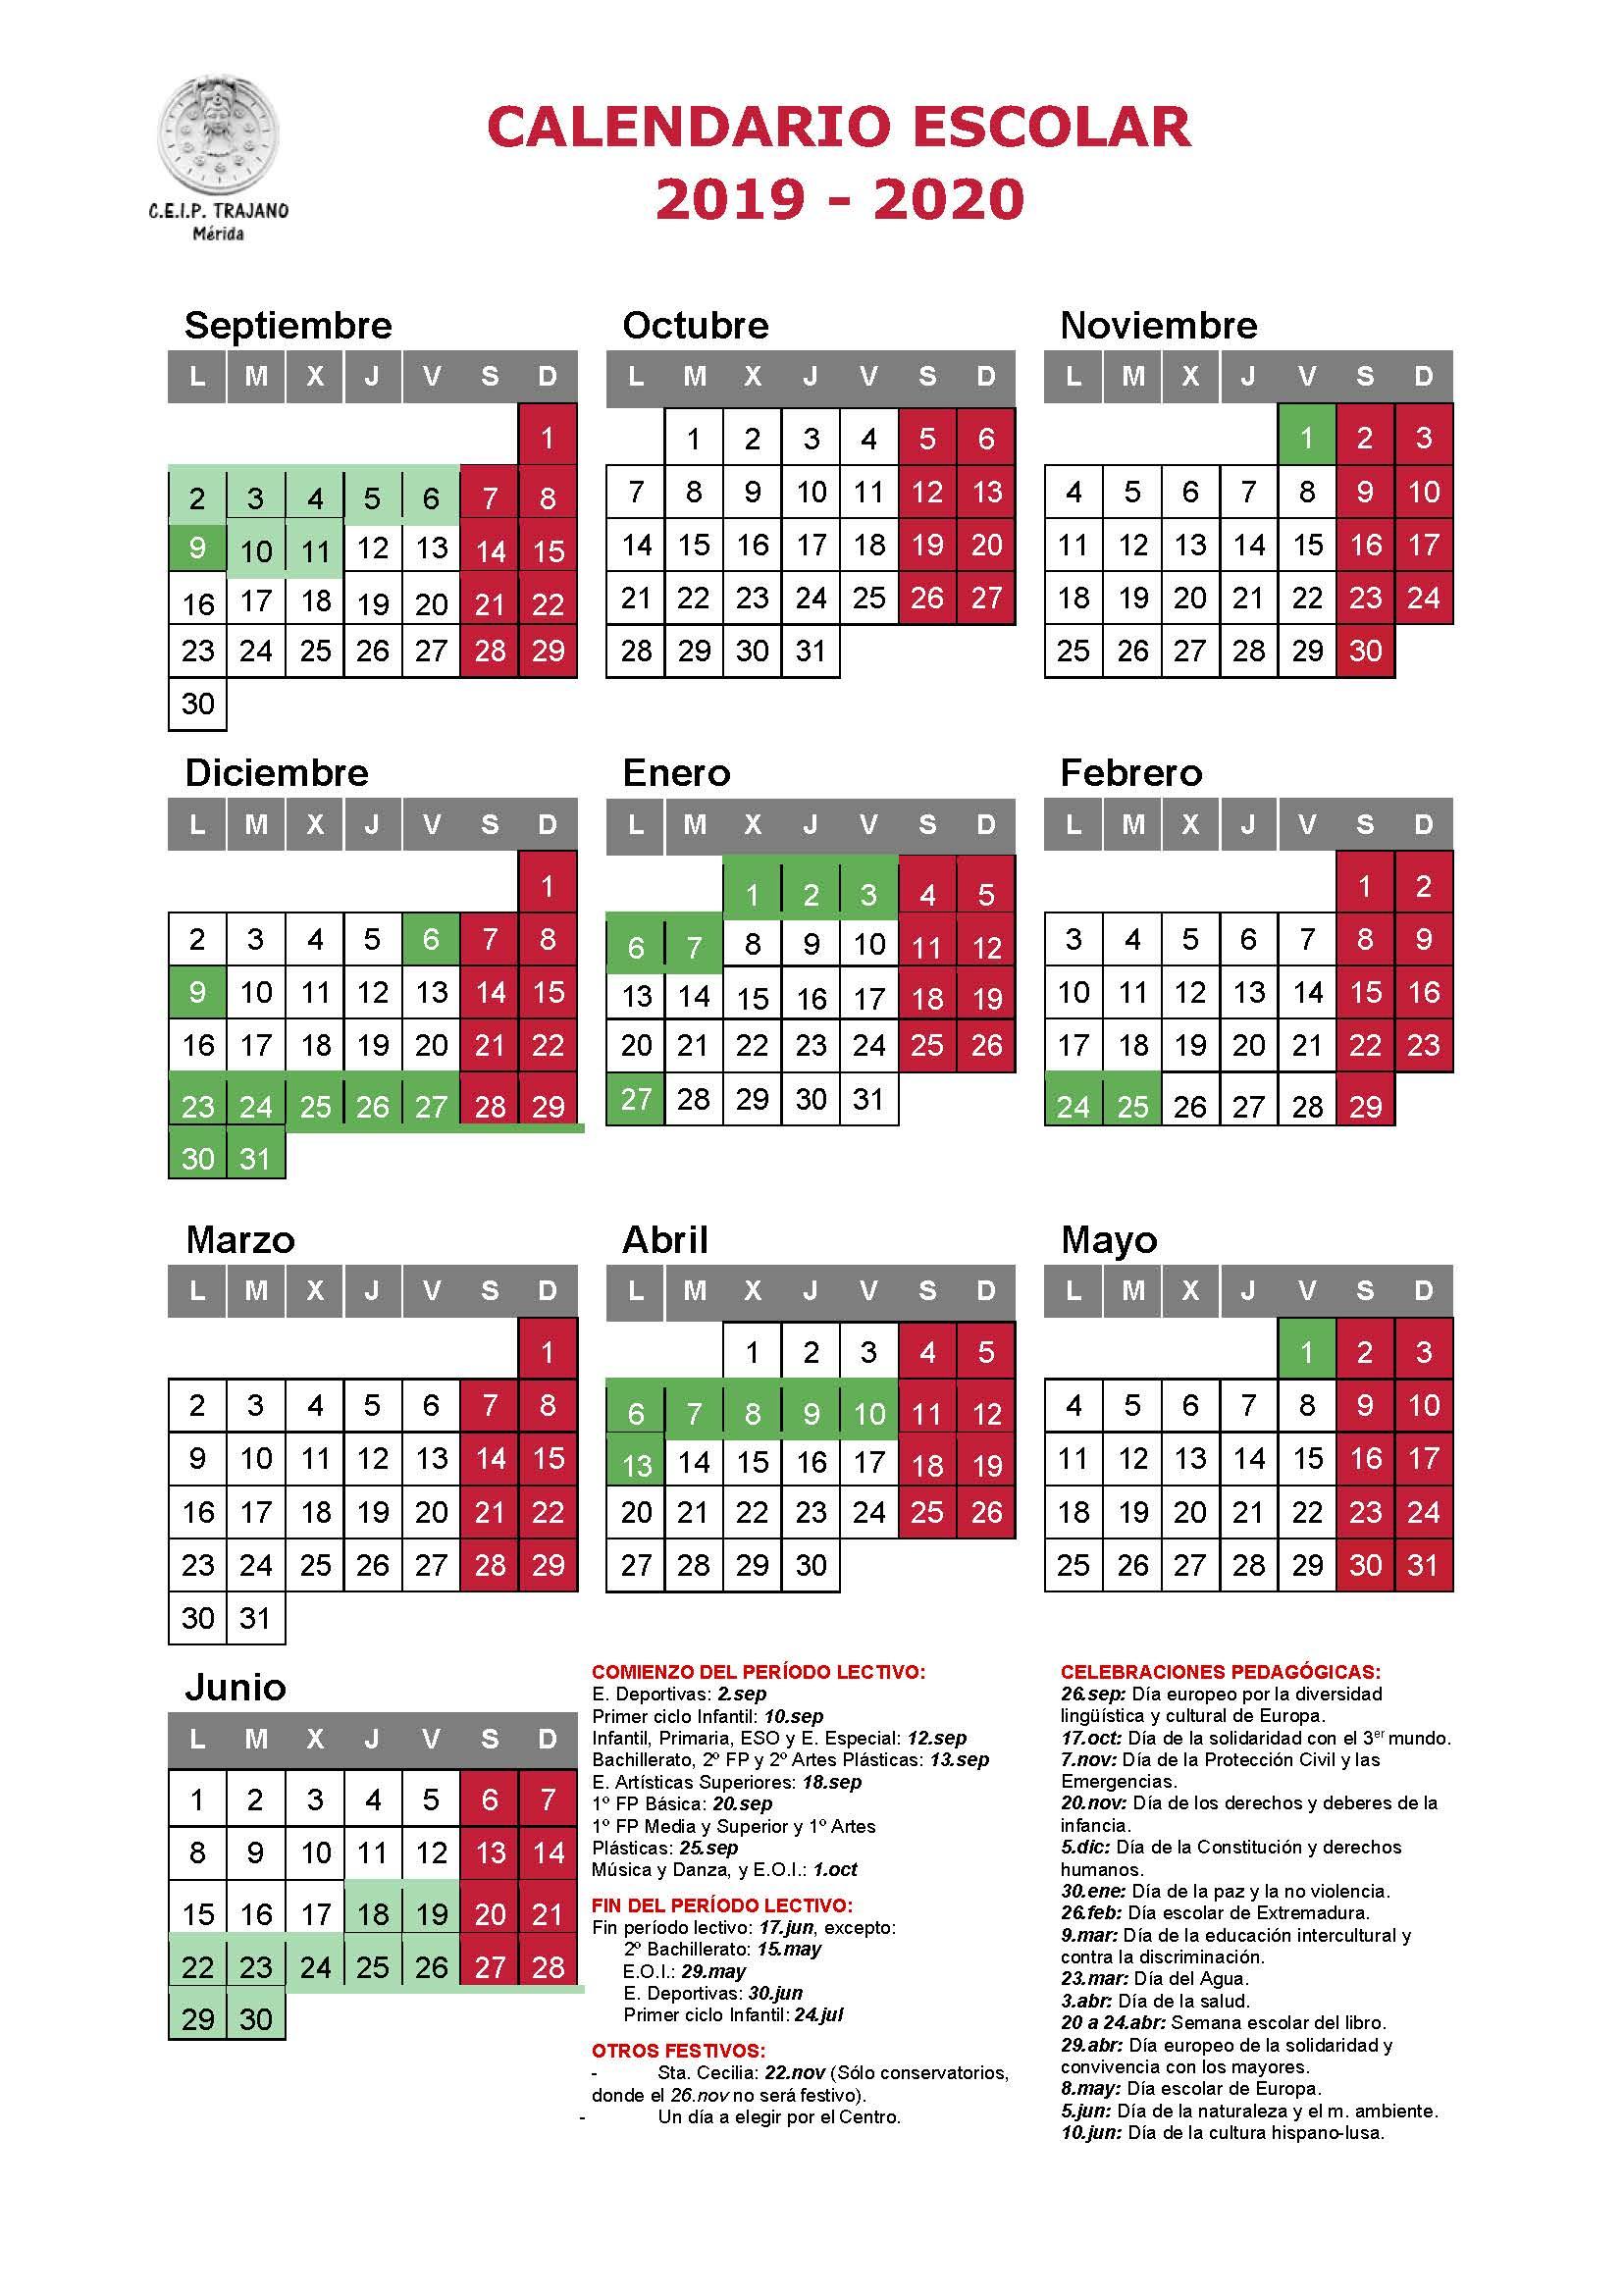 Ceip Trajano - Nuestro Centro pertaining to Template Calendario Escolar 2020